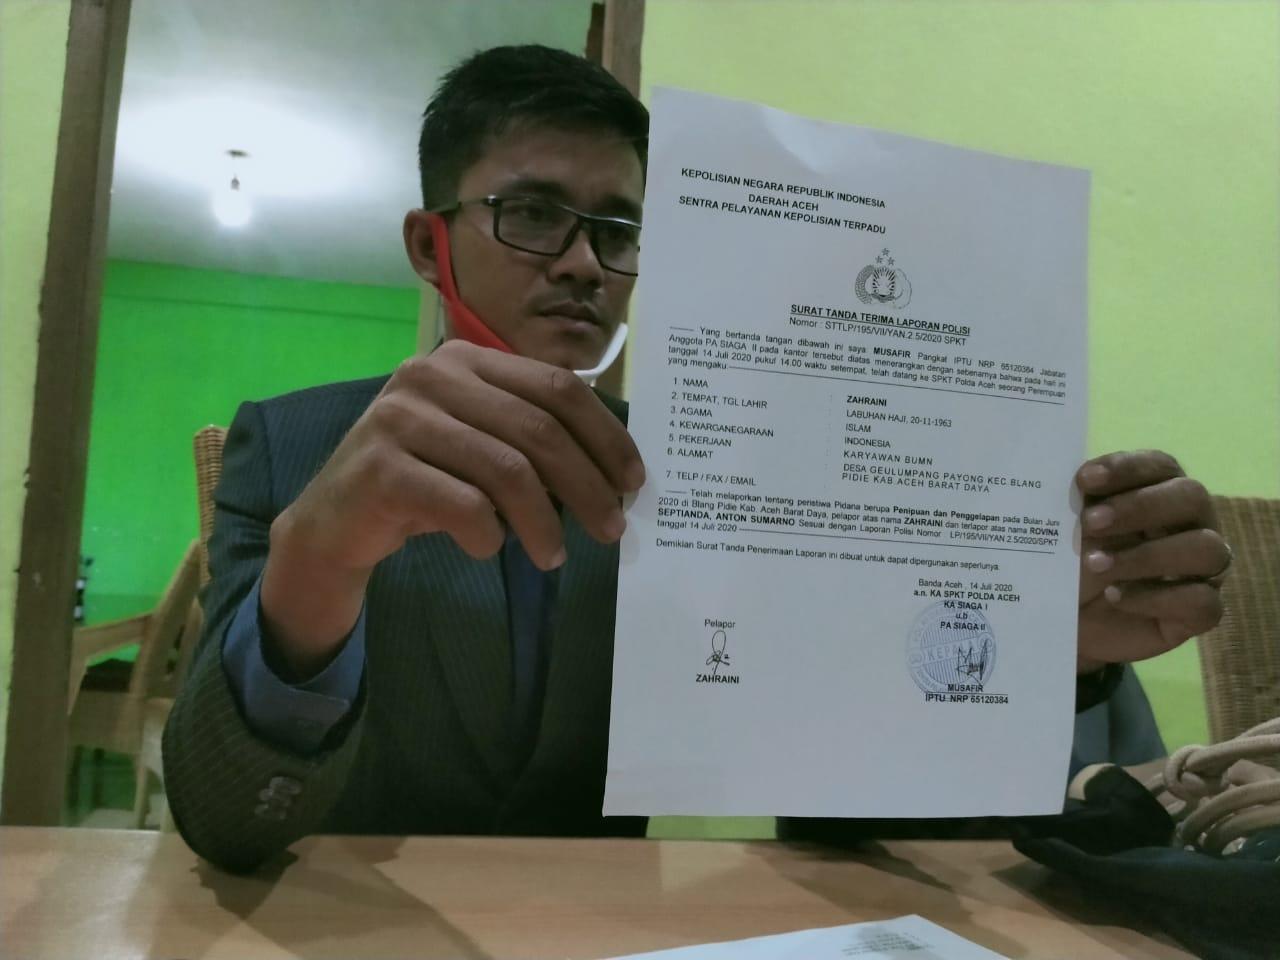 Dalih Jadi Singgahan, Uang Hasil Tipuan Vina Mengalir ke Rekening Anton Sumarno